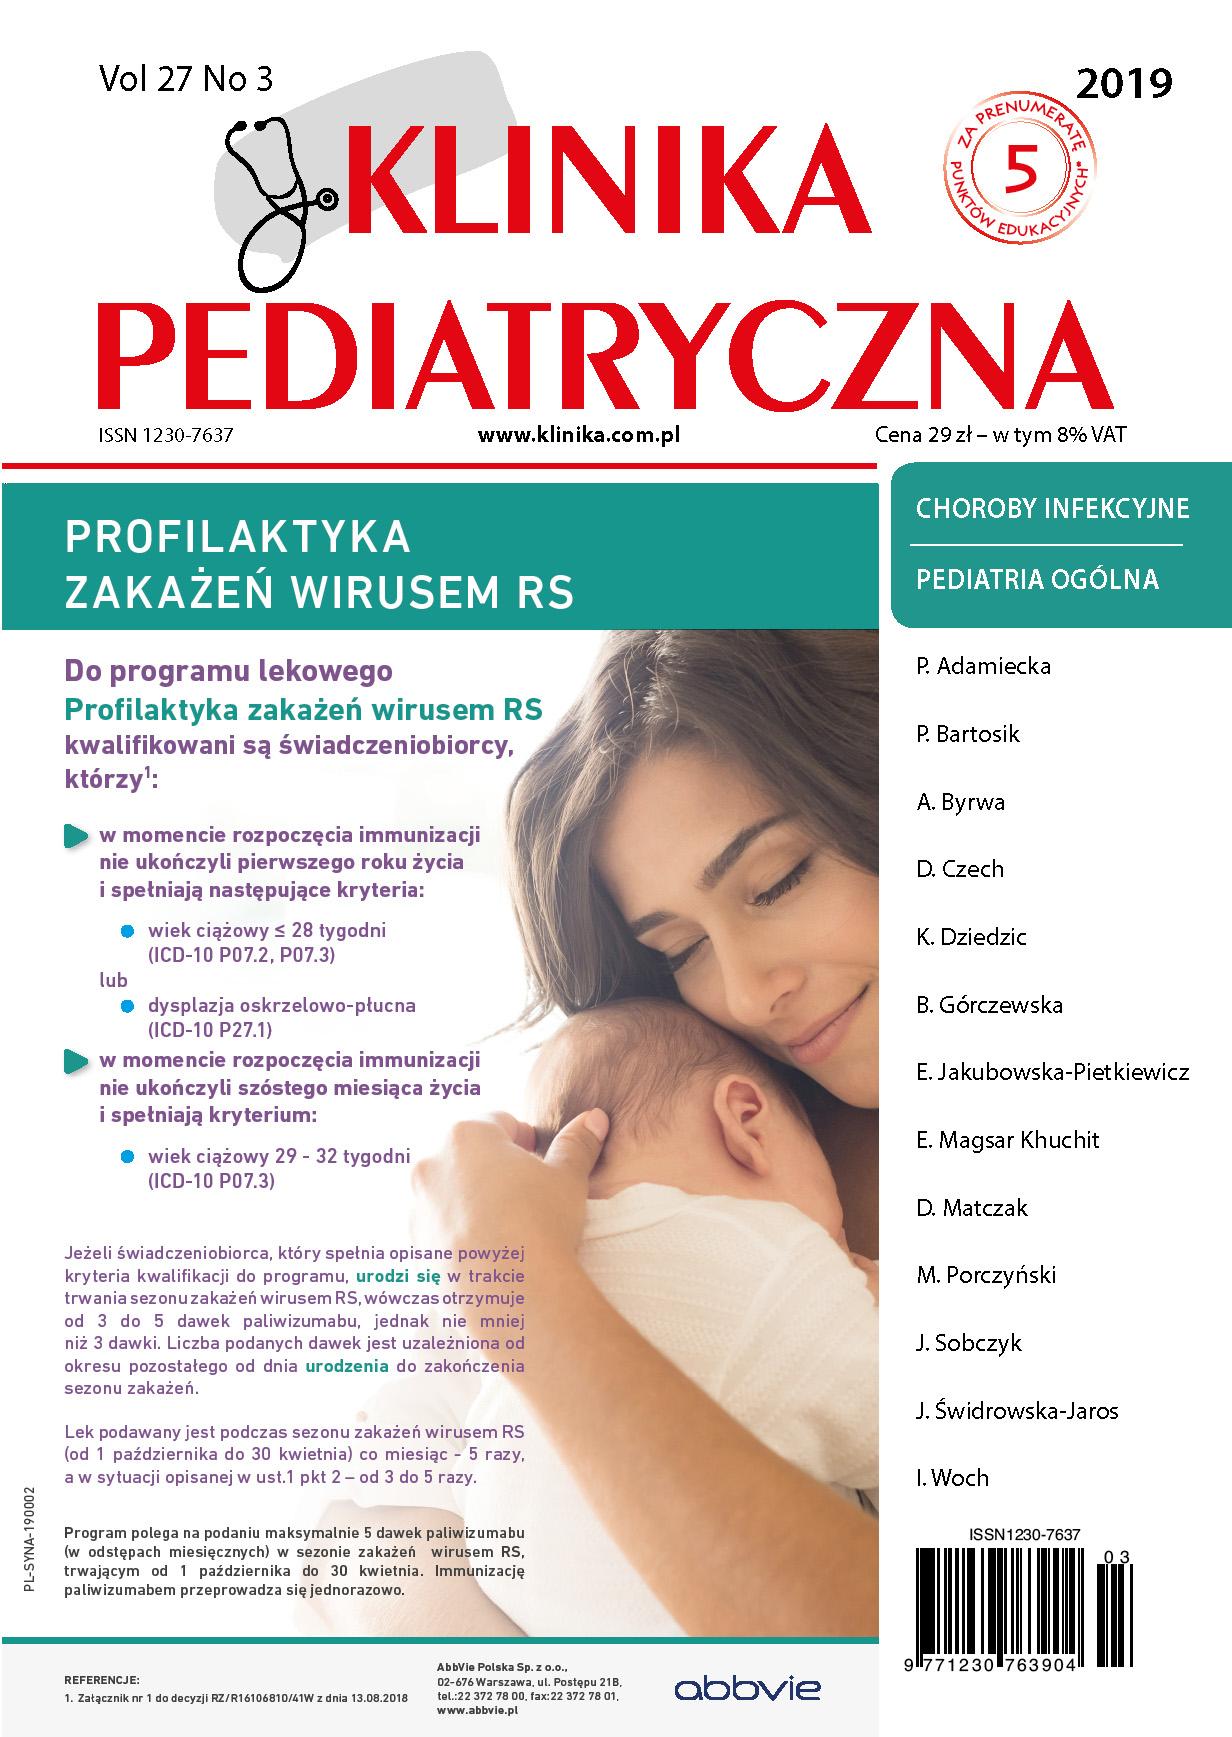 KP3/2019 Choroby infekcyjne, pediatria ogólna